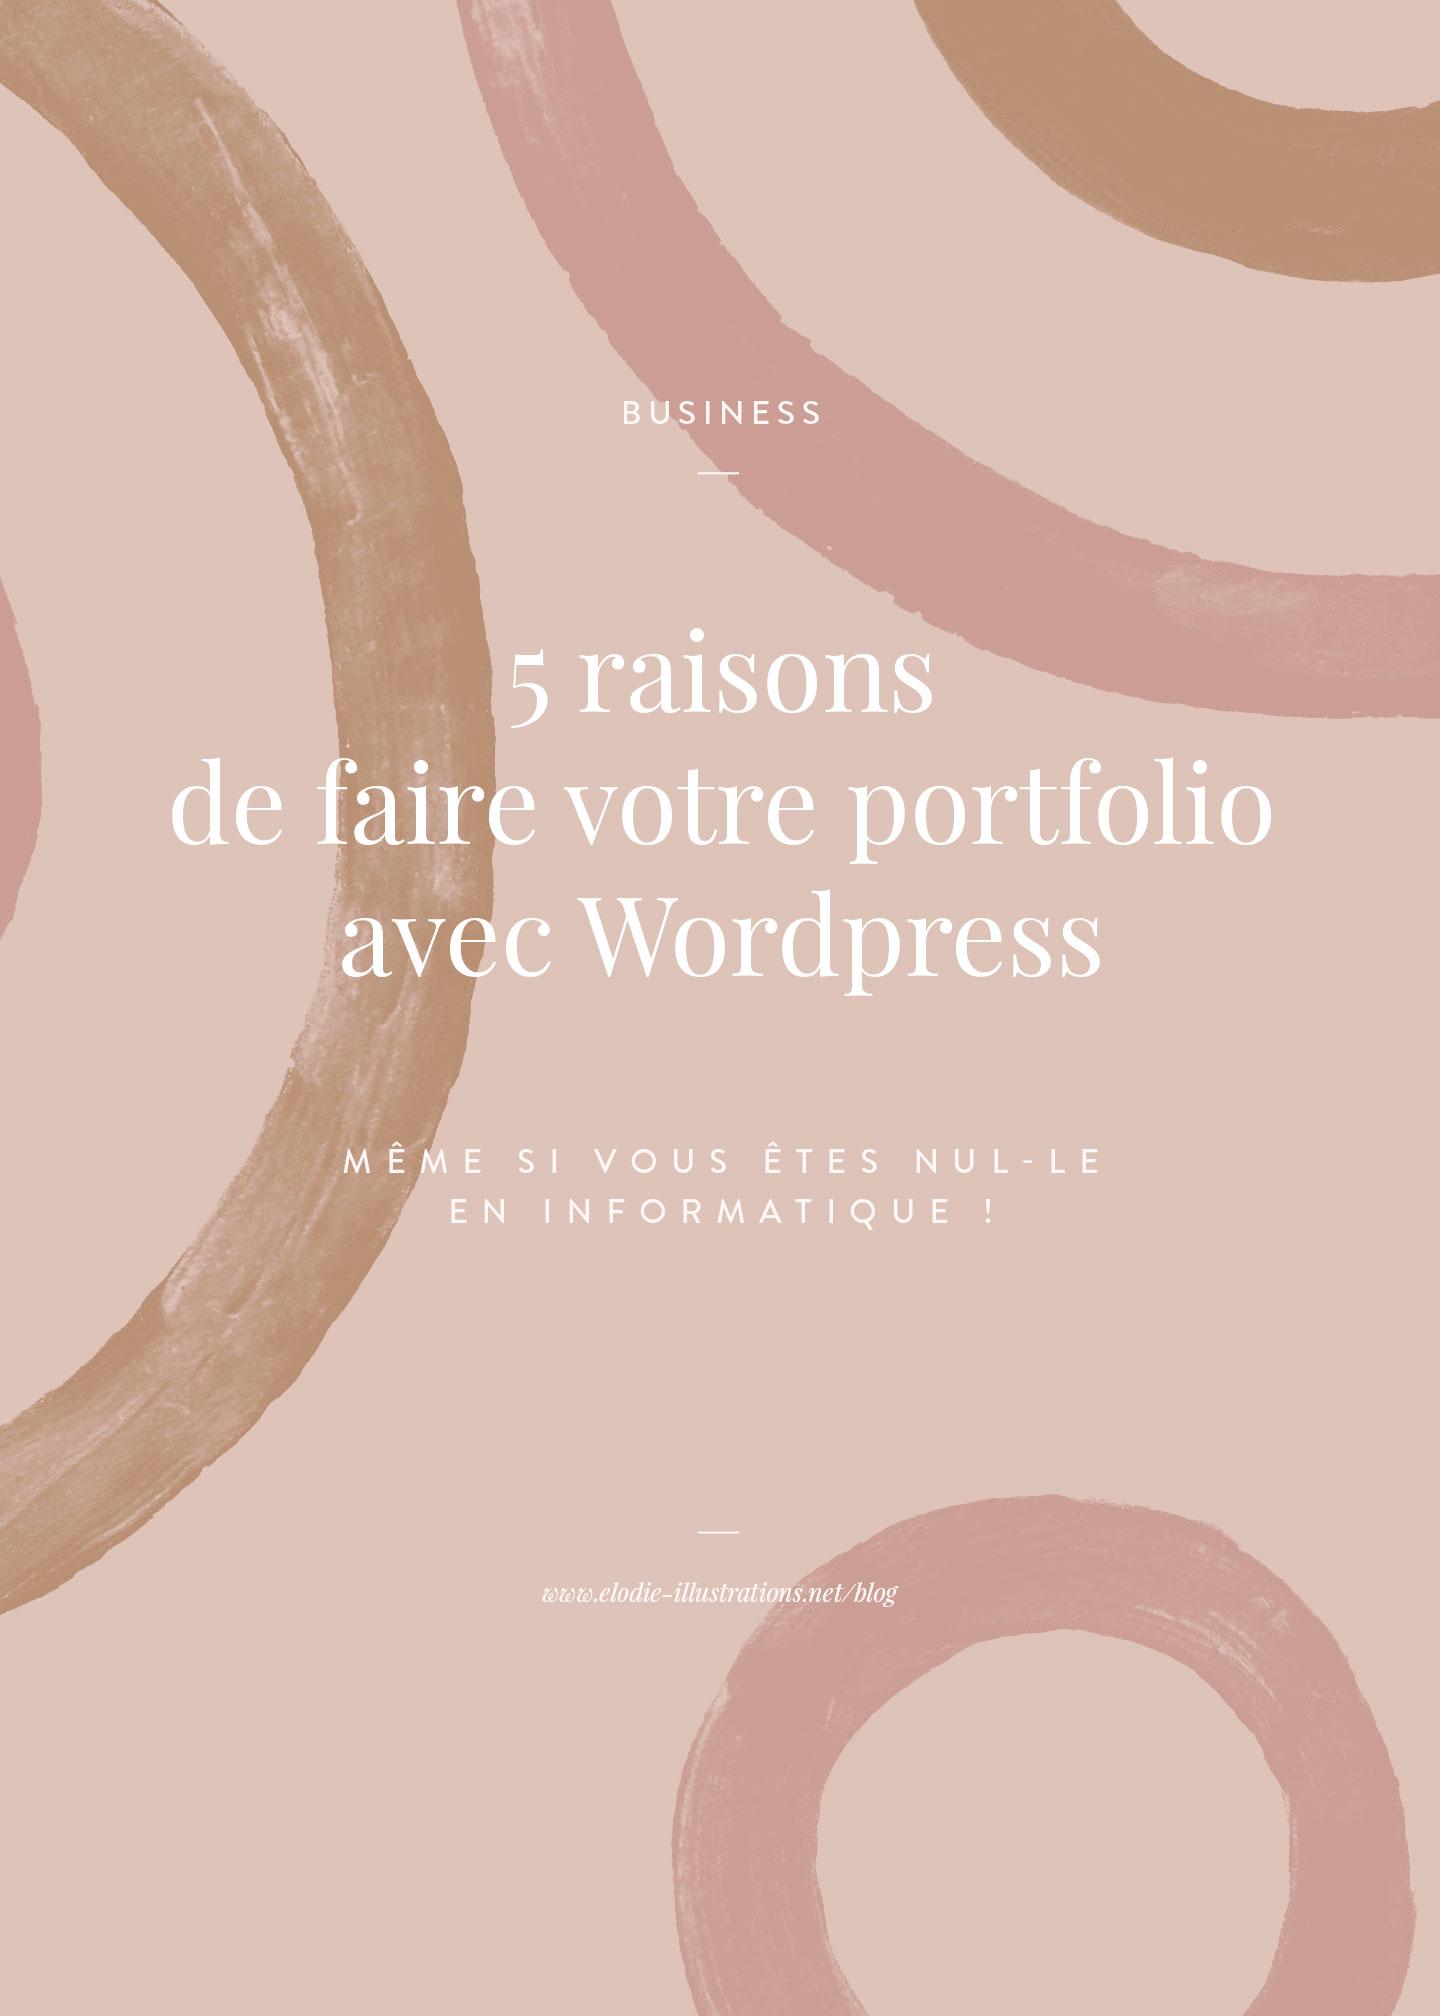 5 raisons de choisir wordpress pour votre portfolio - Cliquez pour découvrir l'article